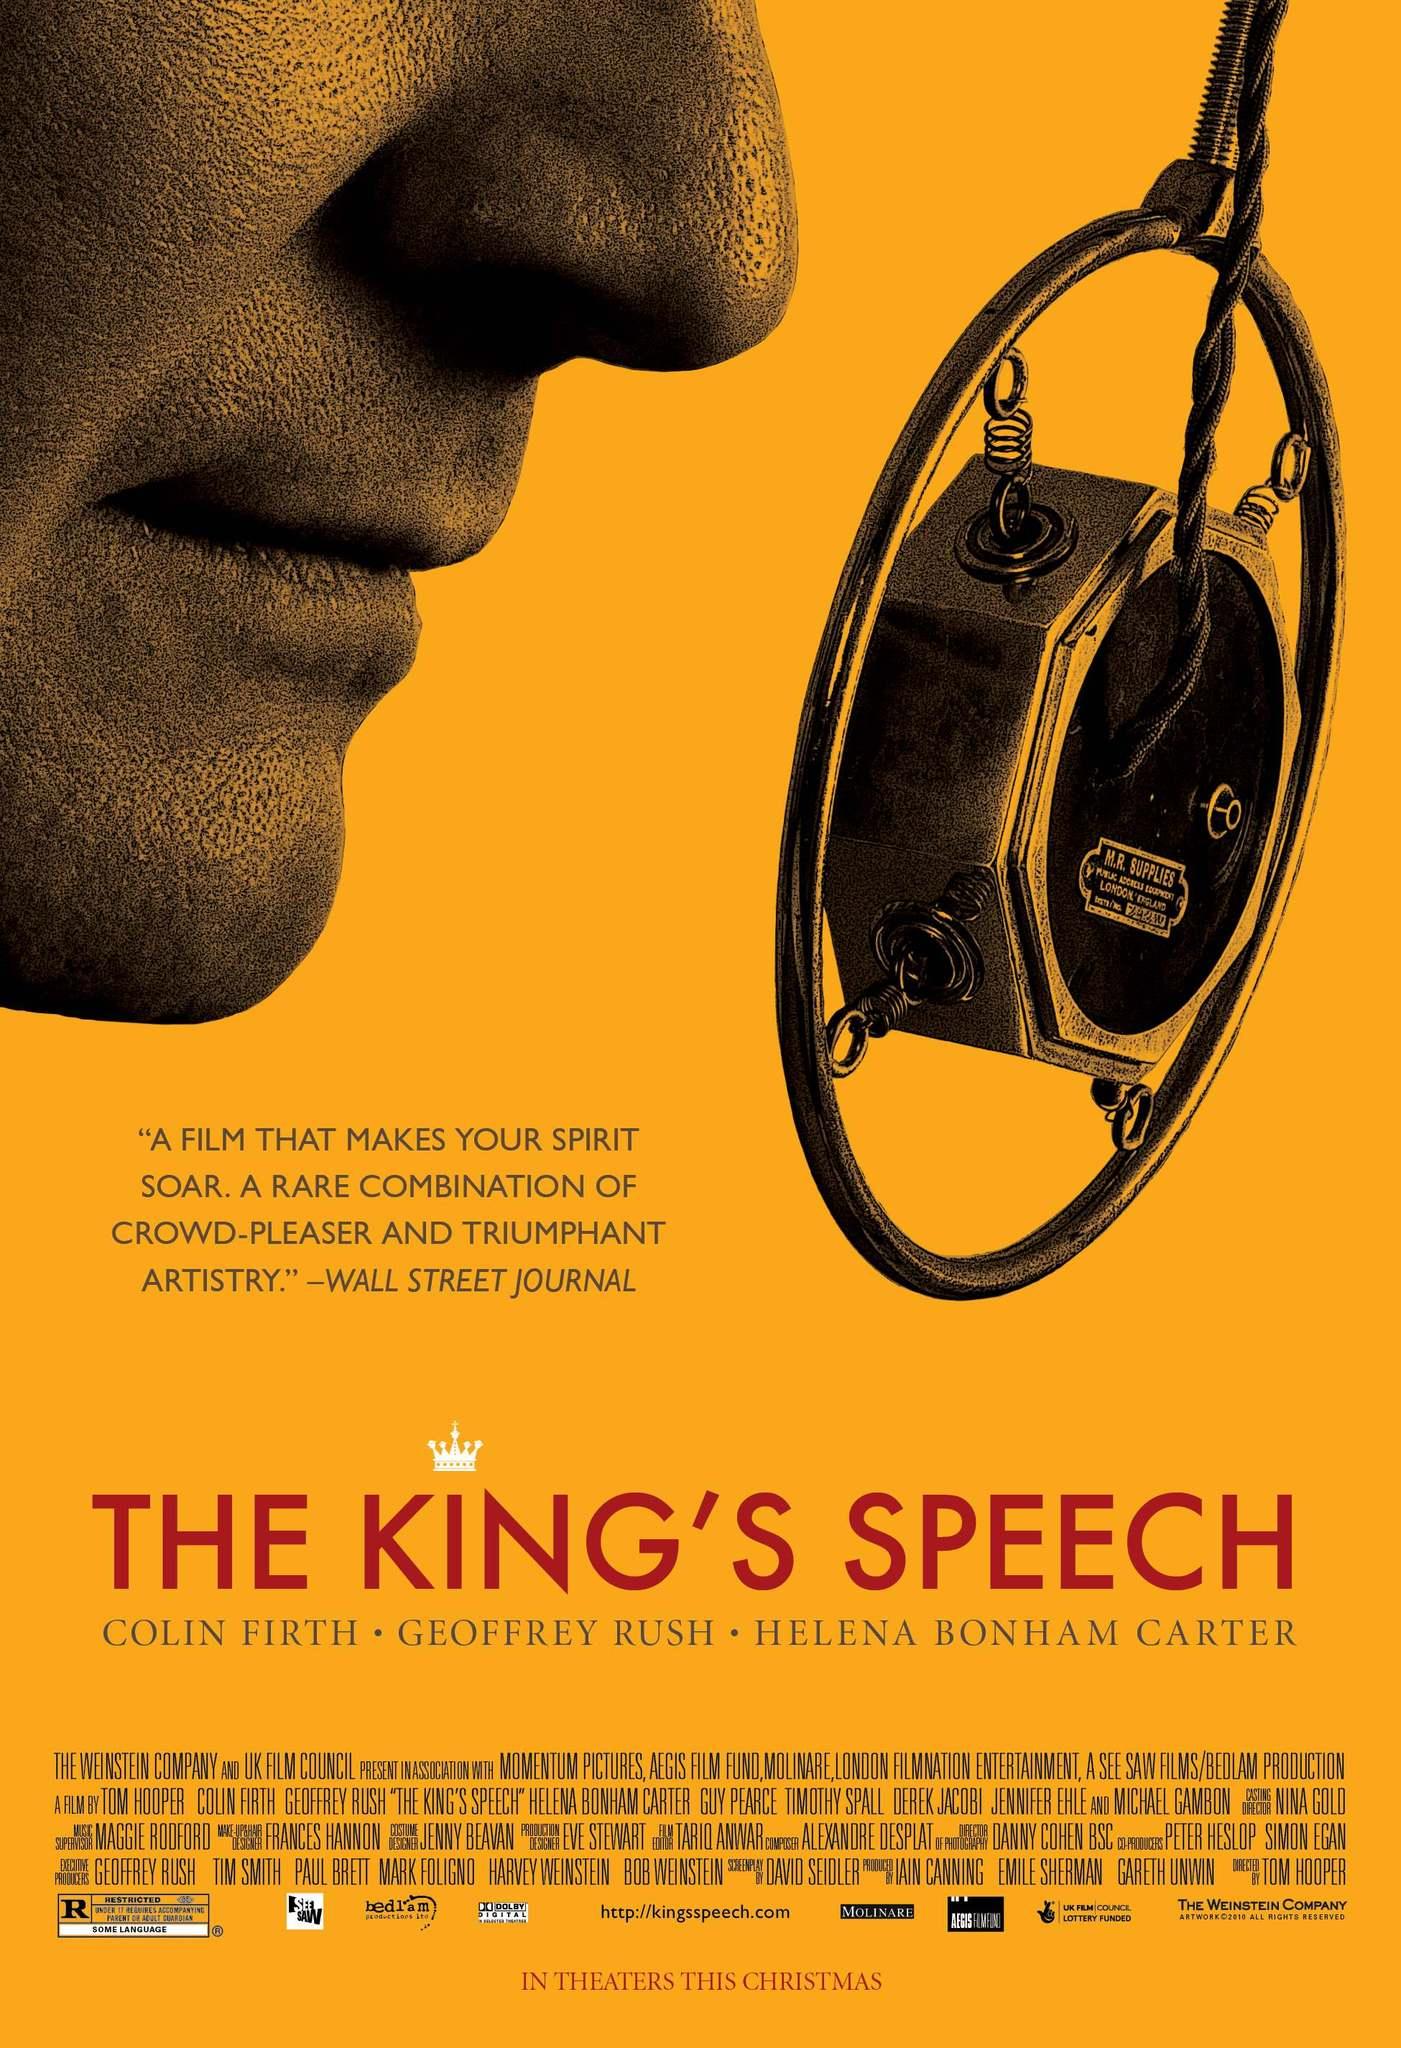 kings speech The king's speech ist eine britische filmbiografie des regisseurs tom hooper aus dem jahre 2010, in der colin firth den britischen könig georg vi darstellt der film gewann bei der oscarverleihung 2011 vier auszeichnungen in den kategorien bester film, beste regie, bester hauptdarsteller und bestes originaldrehbuch.